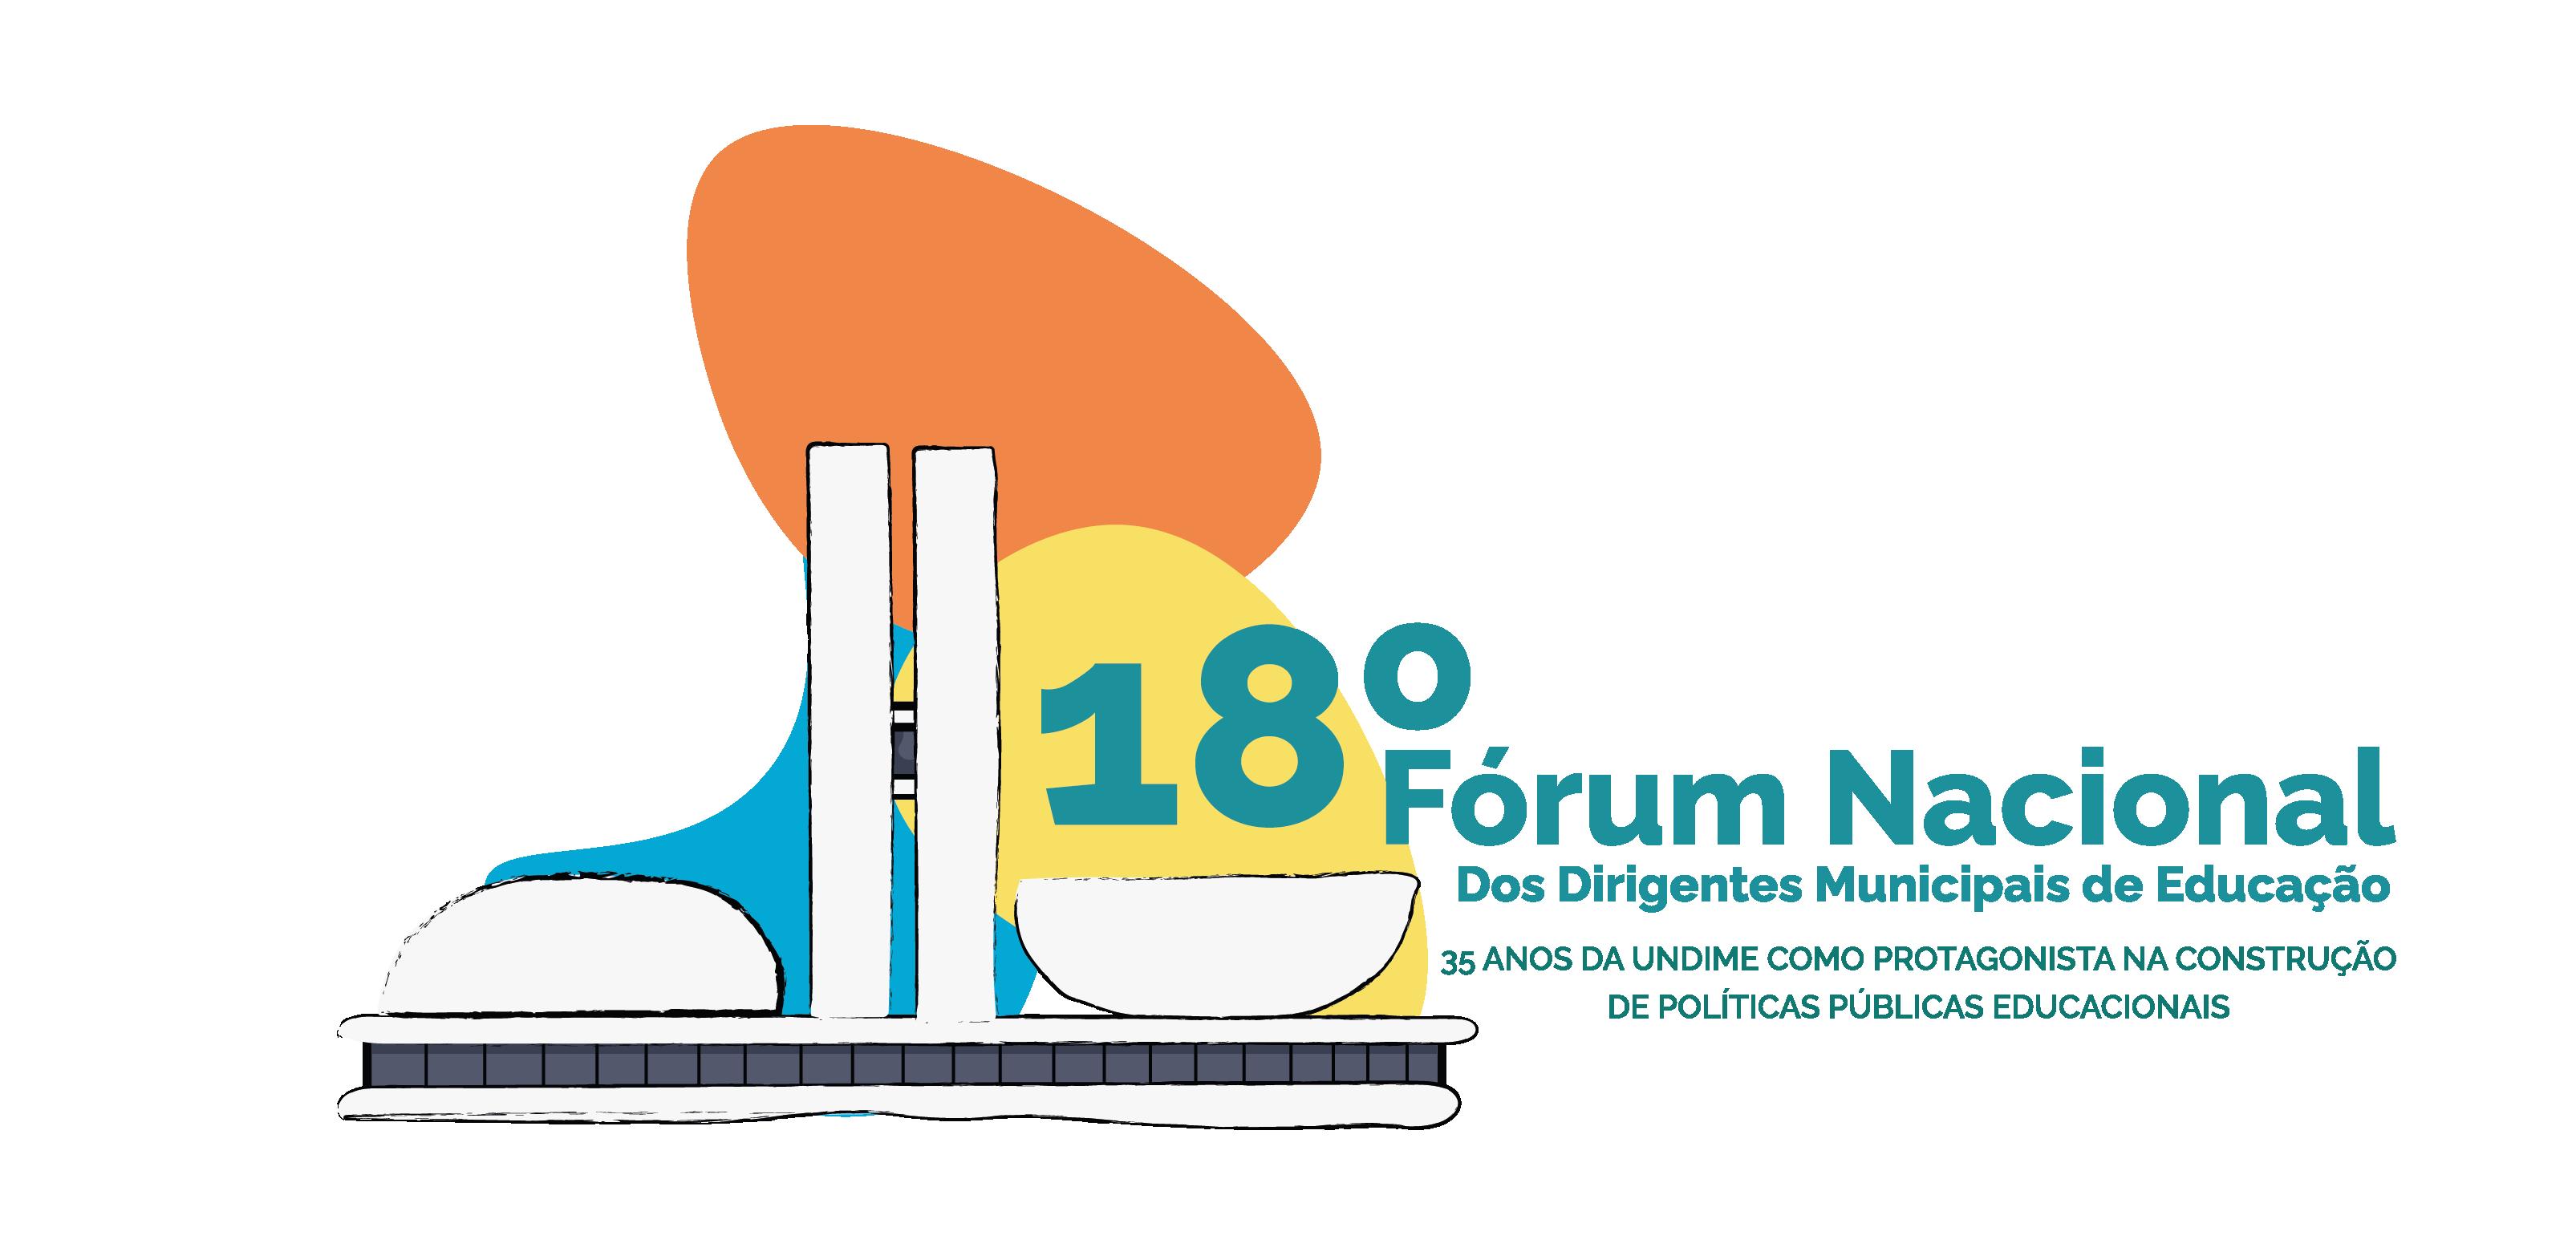 Undime realiza 18º Fórum Nacional dos Dirigentes Municipais de Educação em setembro